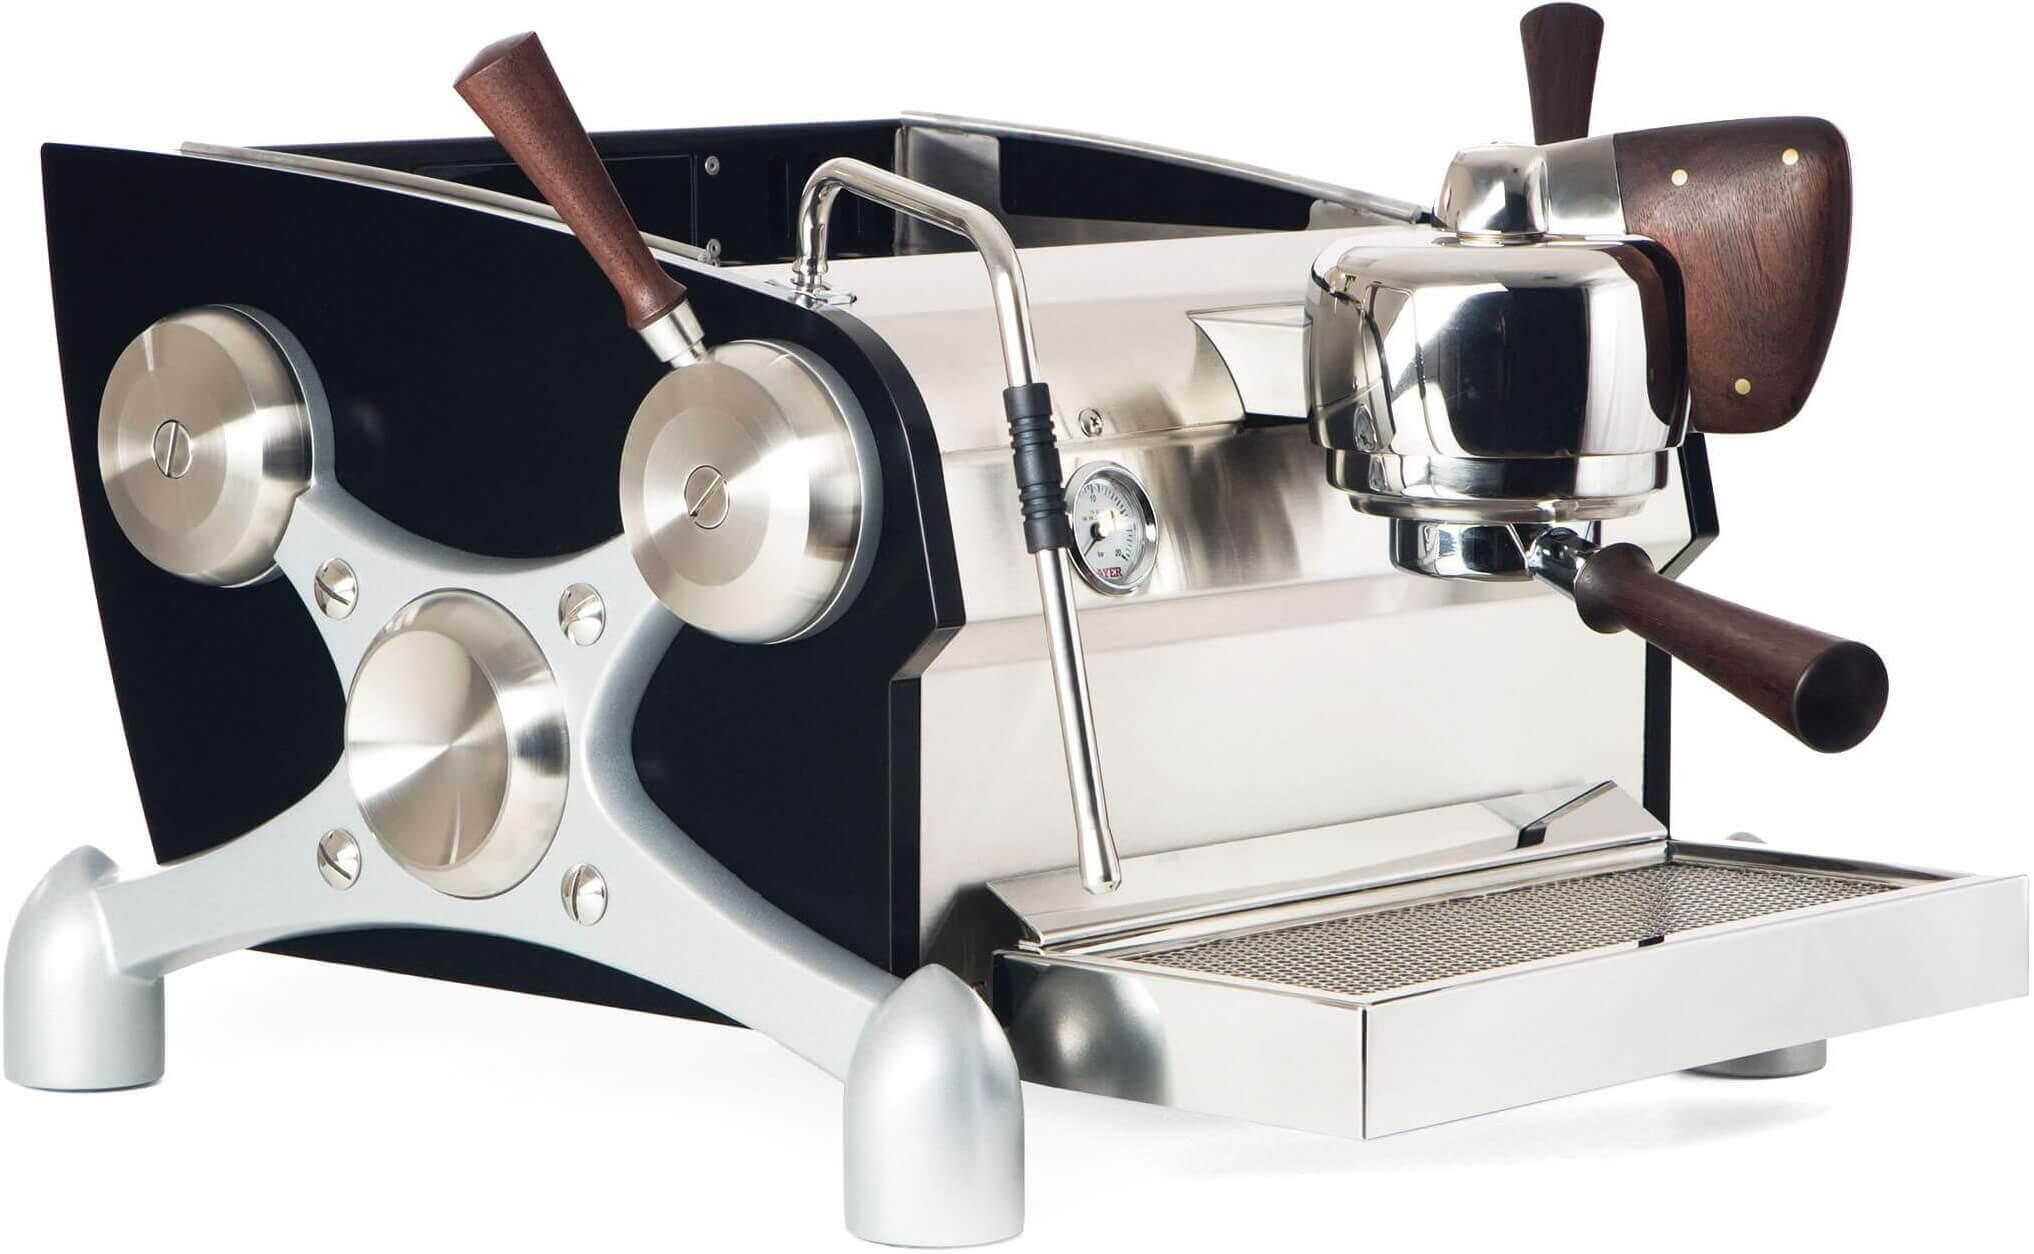 Slayer Espresso 1 Grup Espresso Makinesi